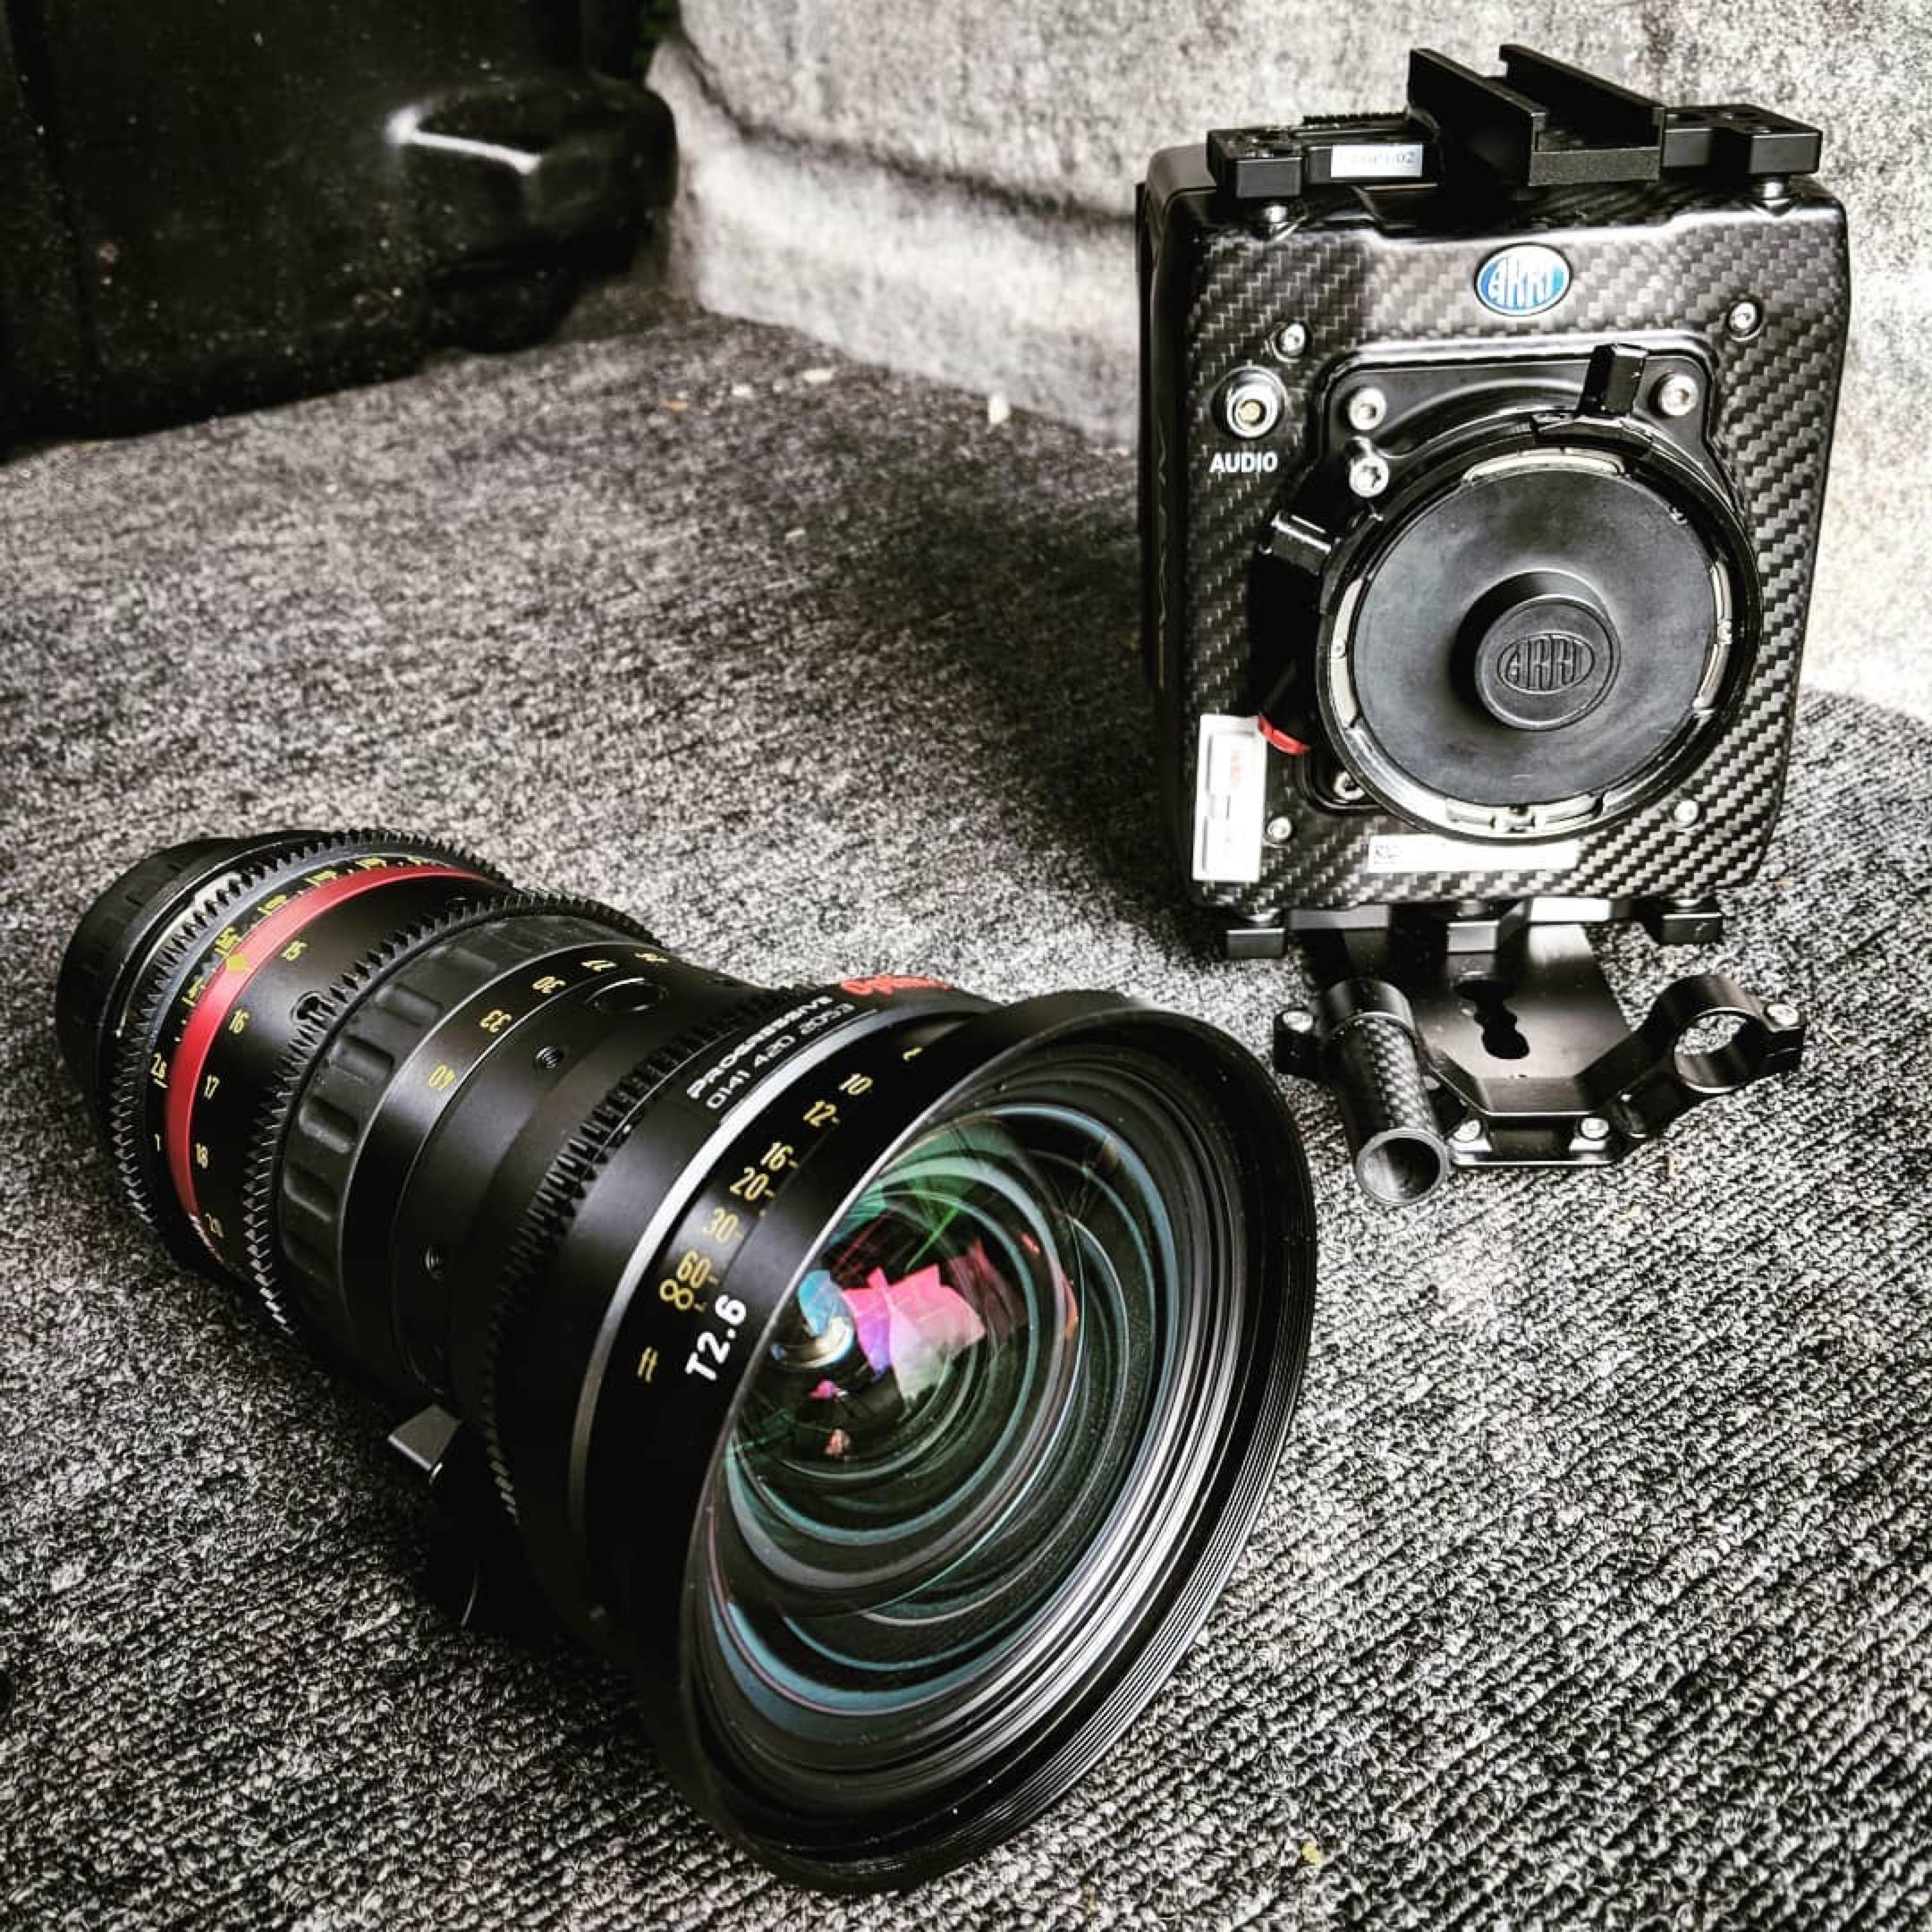 Alexa Mini - Angenieux 15 - 40mm